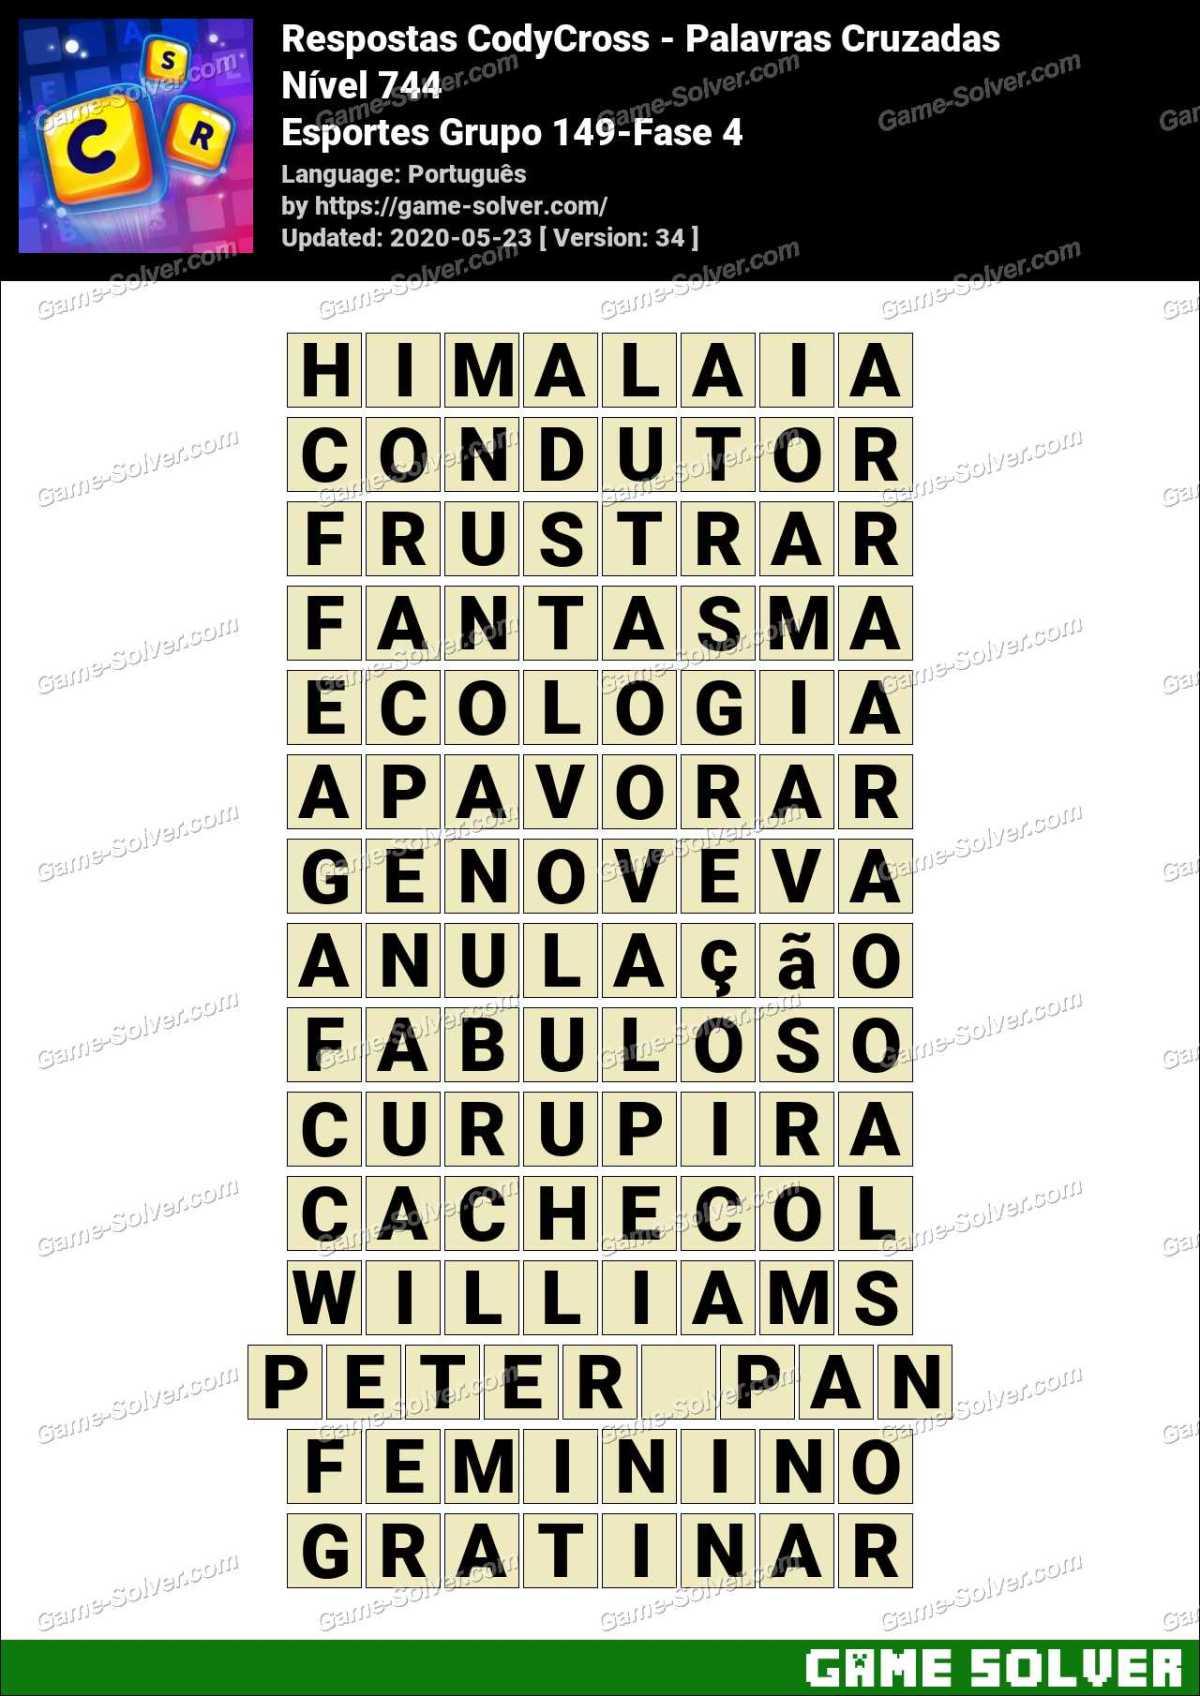 Respostas CodyCross Esportes Grupo 149-Fase 4